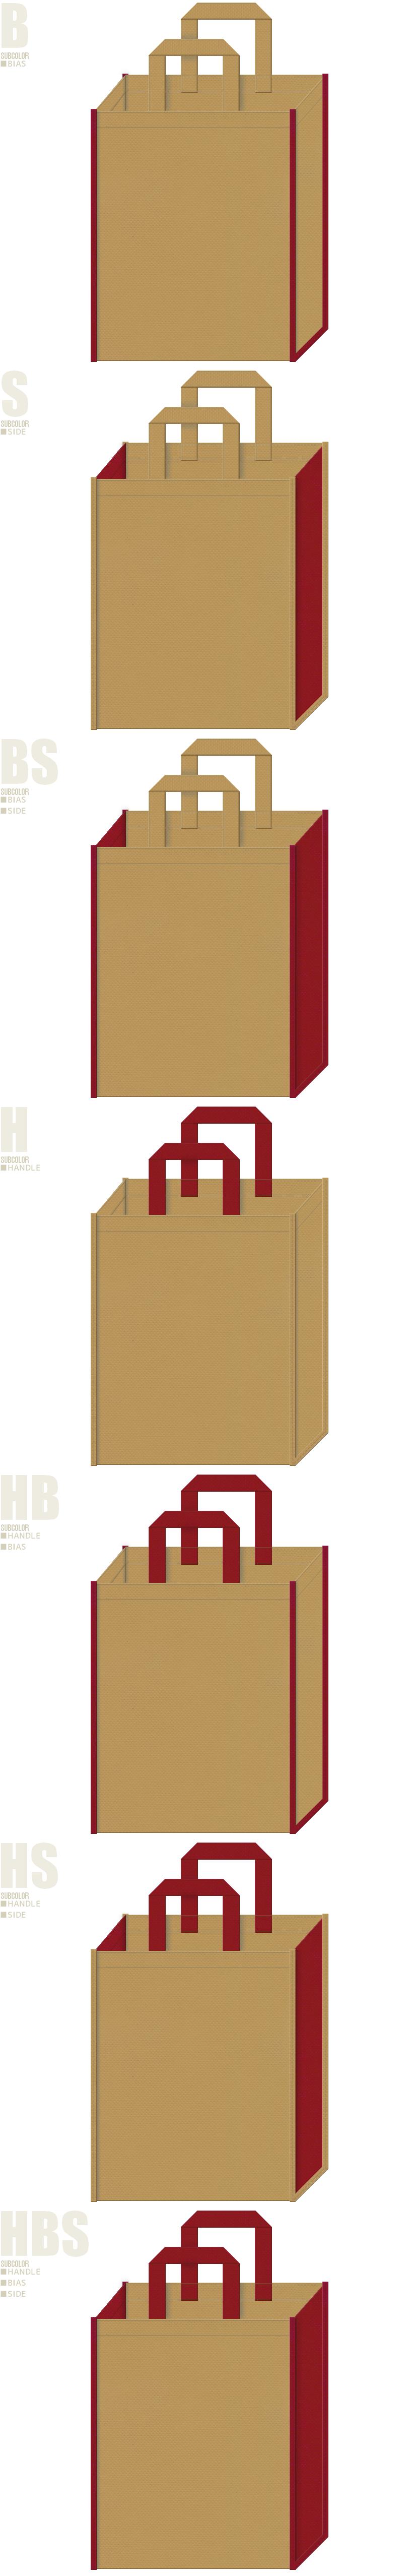 金色系黄土色とエンジ色、7パターンの不織布トートバッグ配色デザイン例。襖・障子・画材・額縁の展示会用バッグにお奨めです。